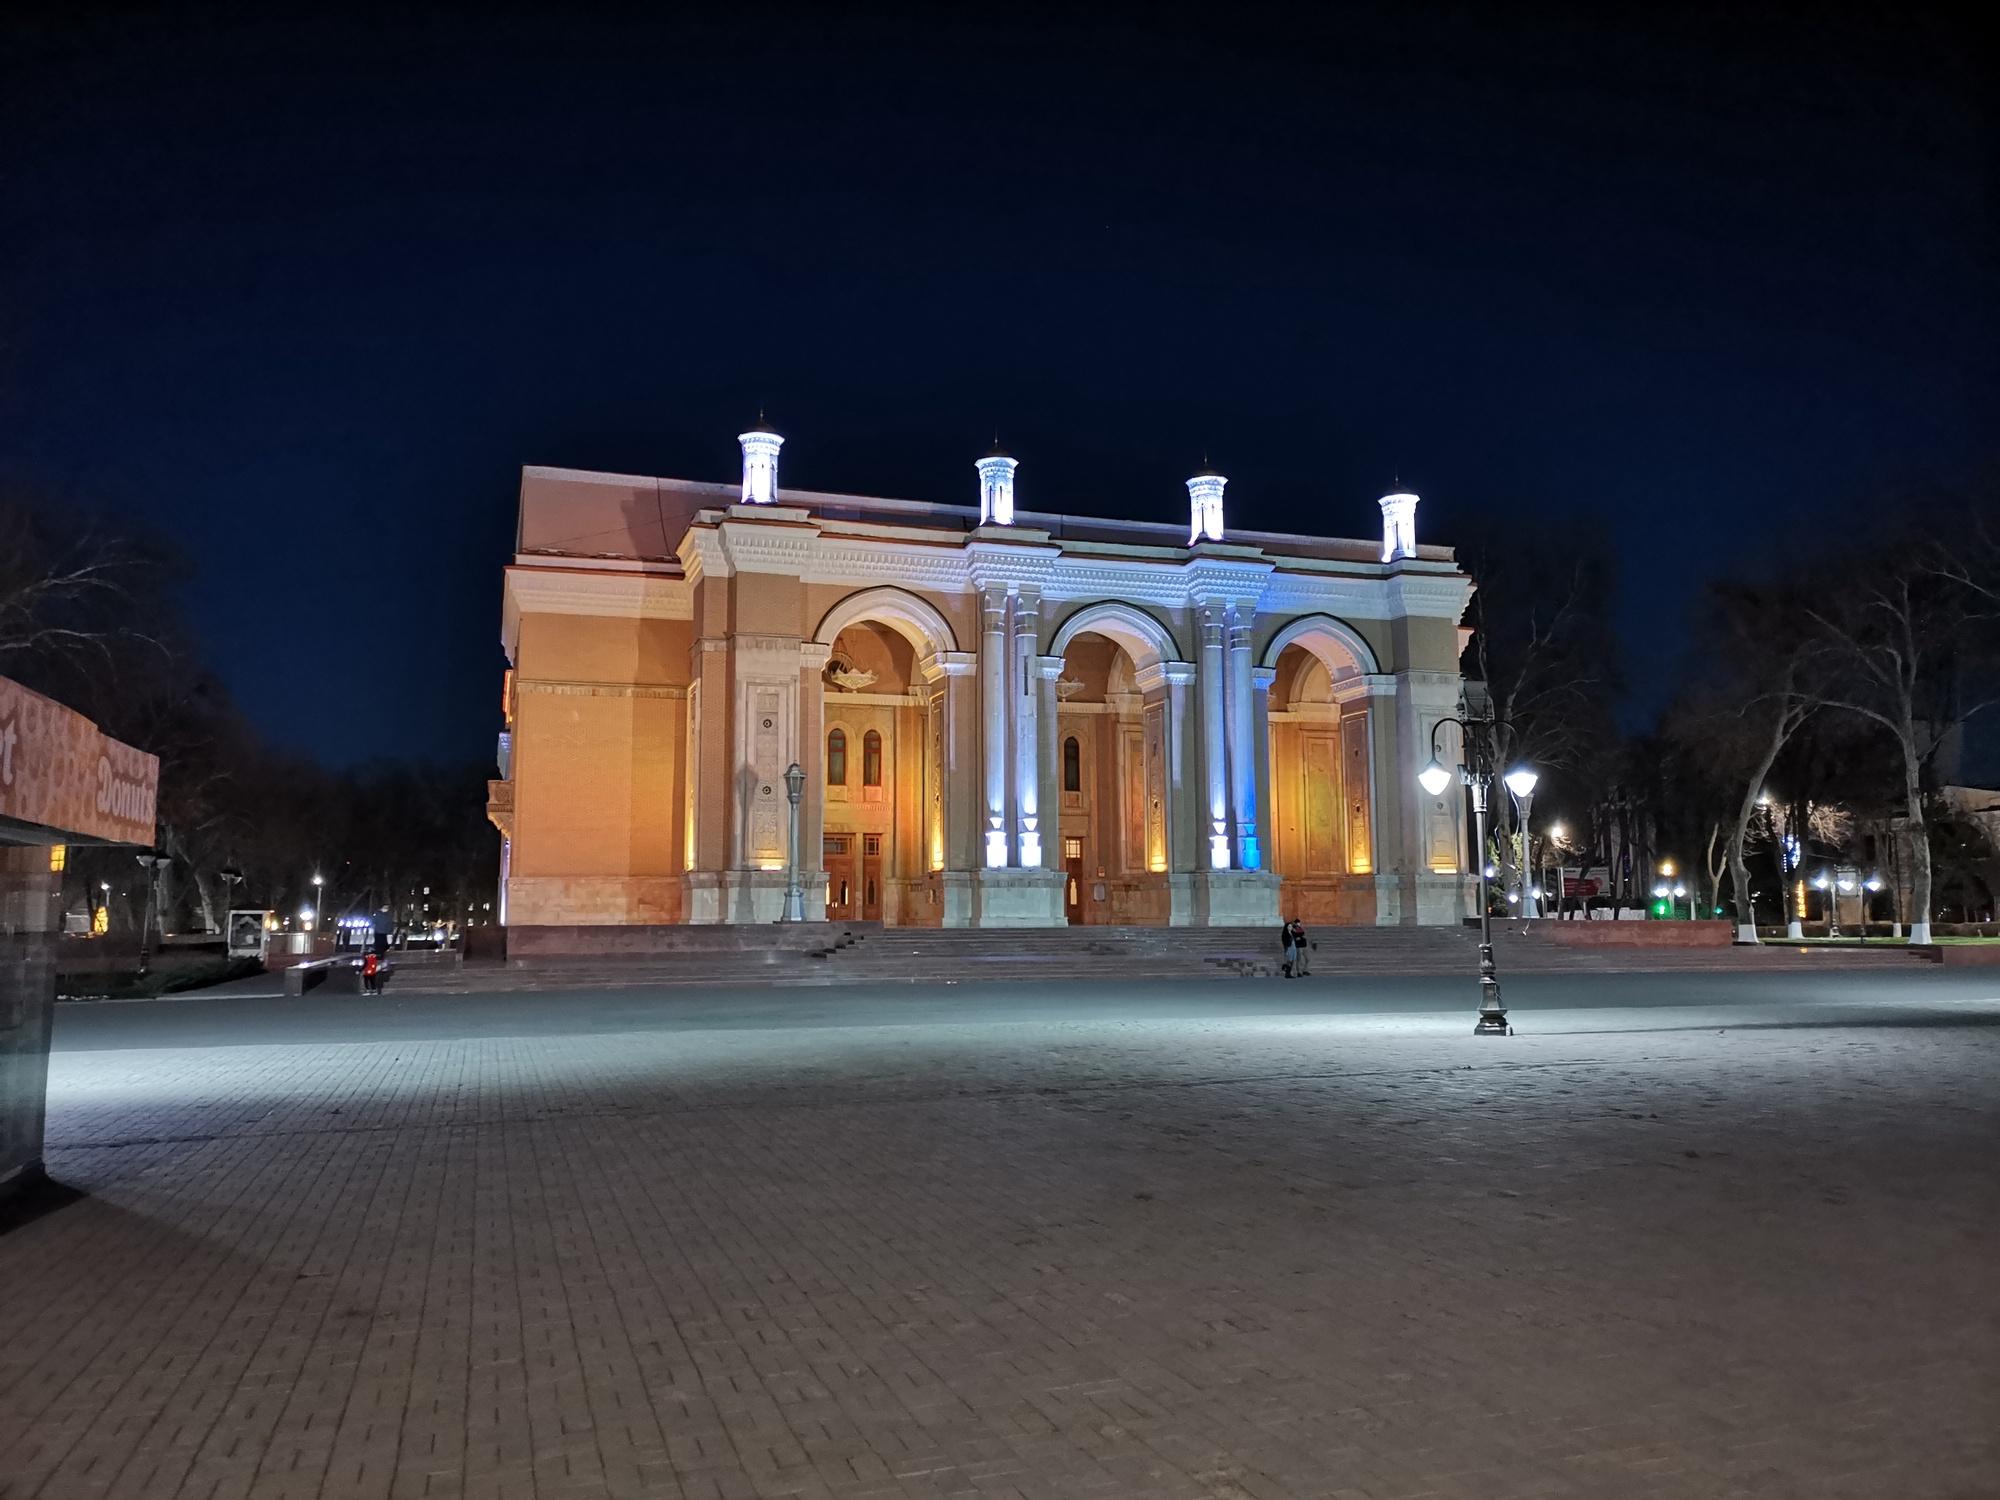 Государственный Академический Большой Театр им. Алишера Навои, Ташкент, Узбекистан